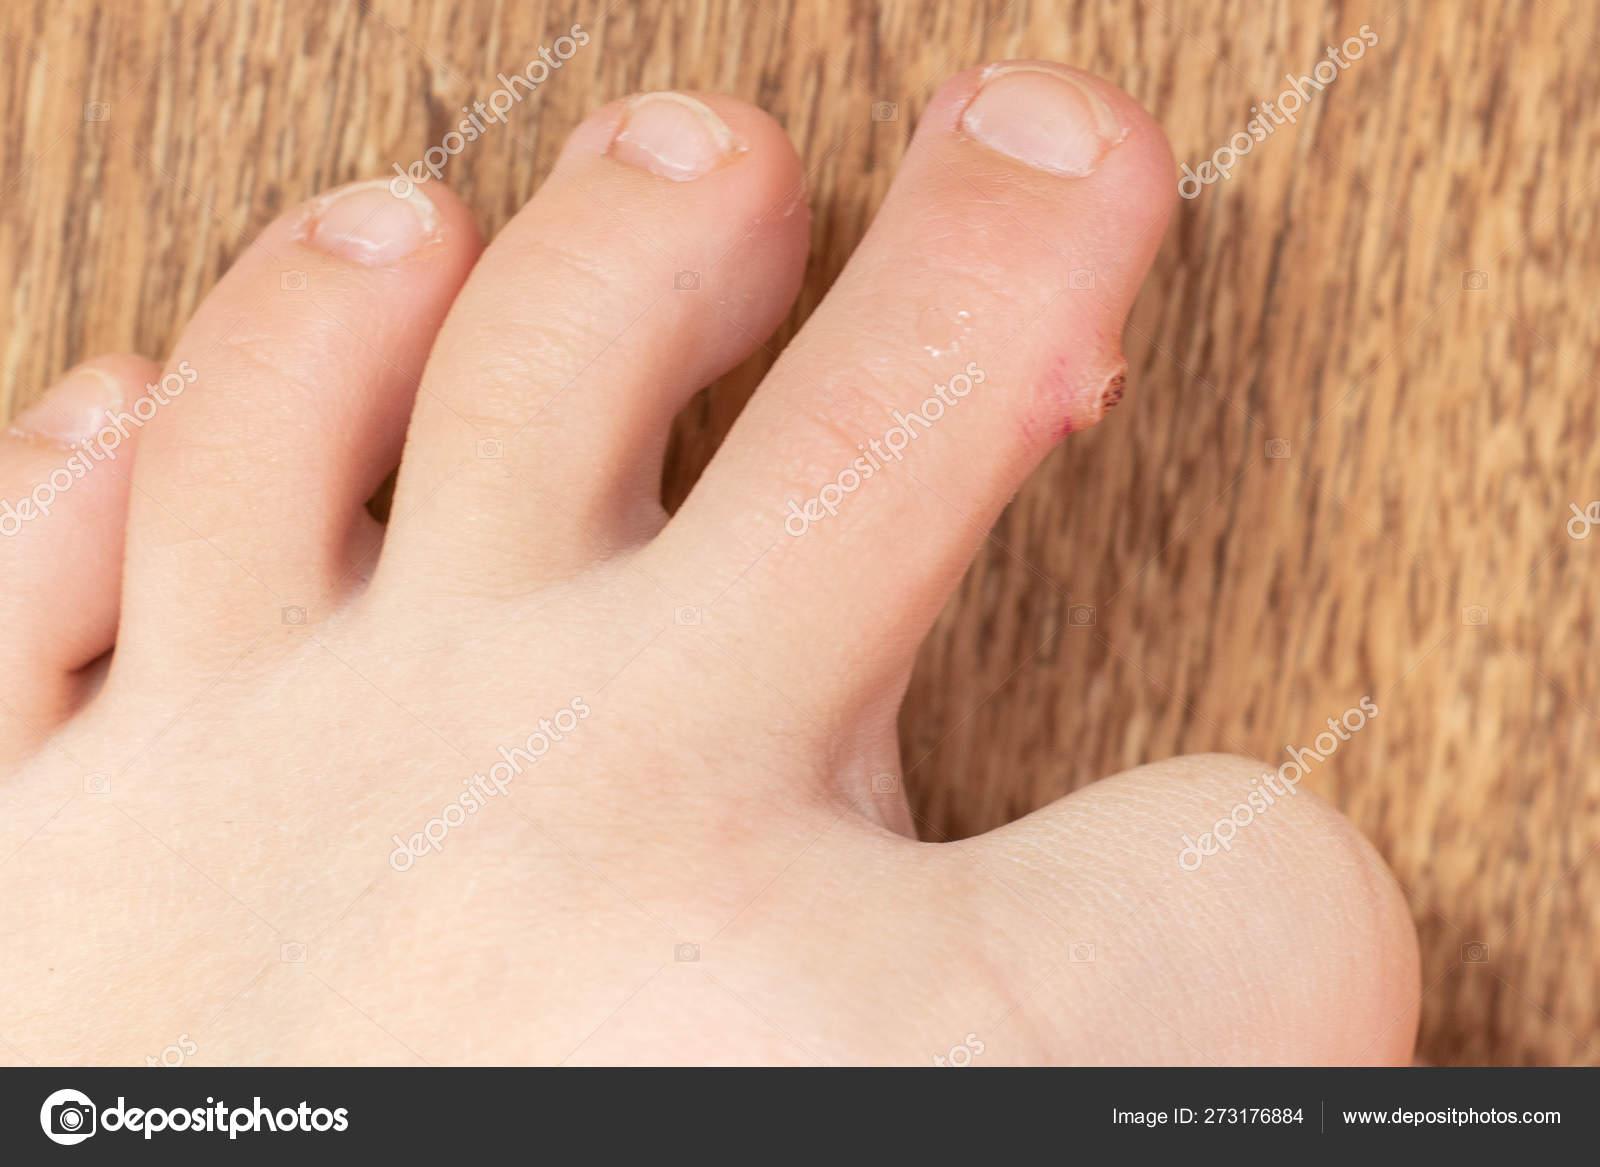 Simptome ale verucilor plantare, Meniu cont utilizator